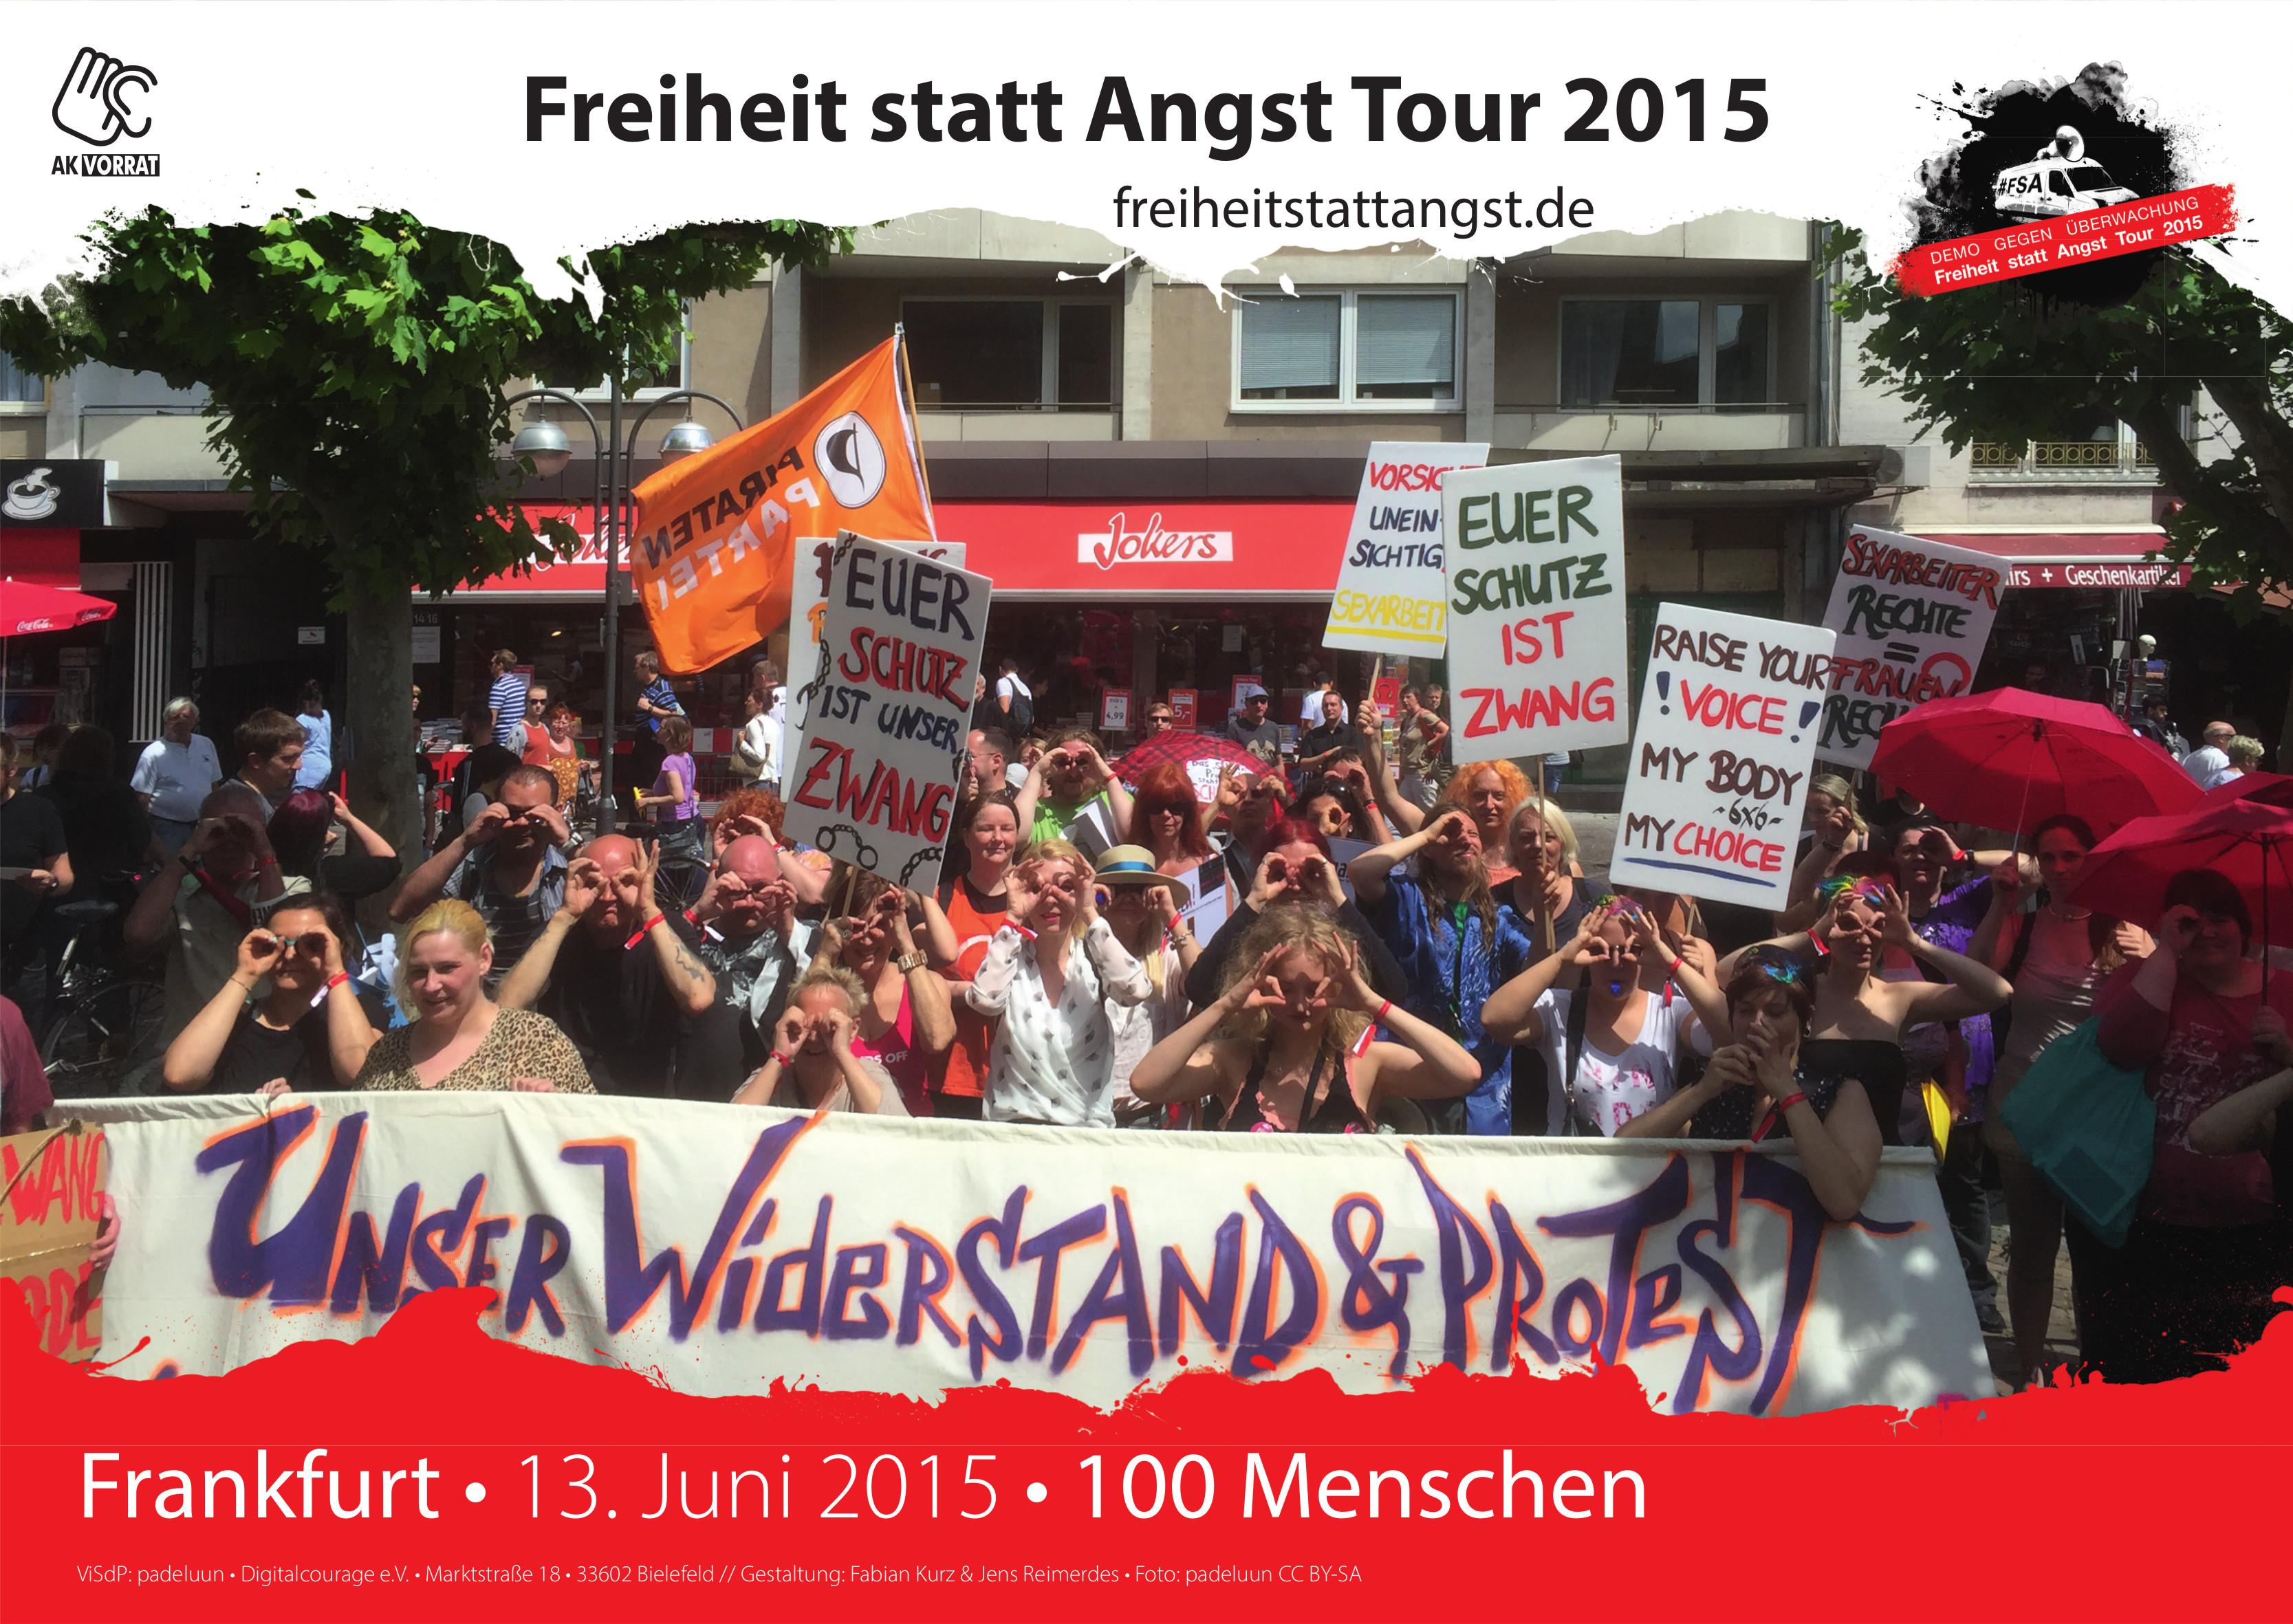 Der 13. Juni 2015 in Frankfurt bei der zweiten Station in dieser Stadt mit Hauptfokus Datenschutz und Sexarbeit.